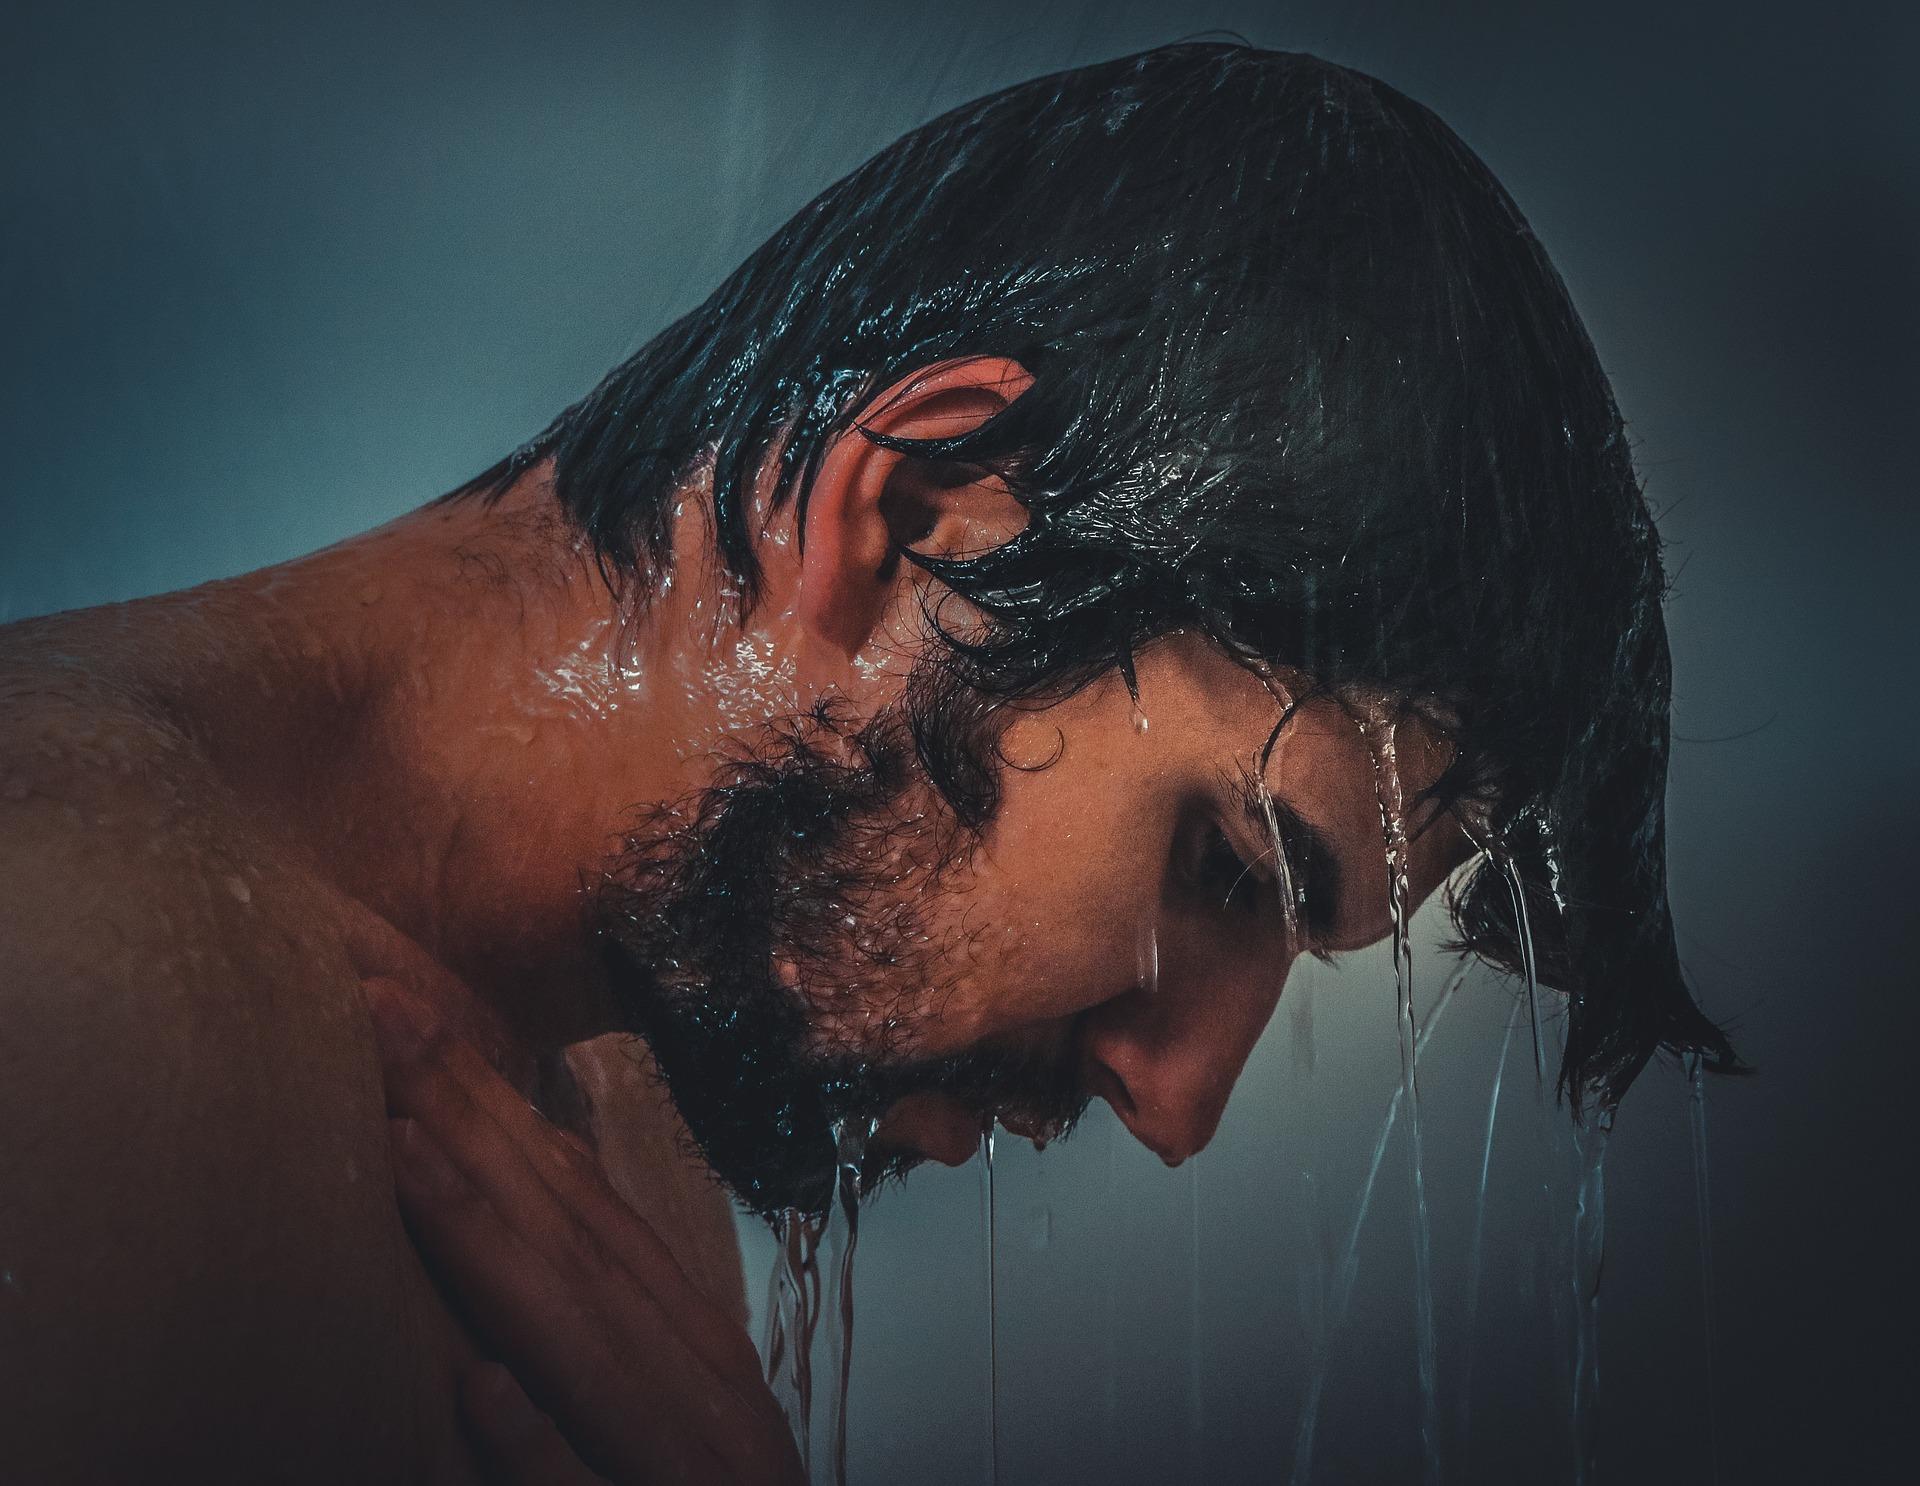 Erkeklerde kasıkta tahriş: nedenler, önleme